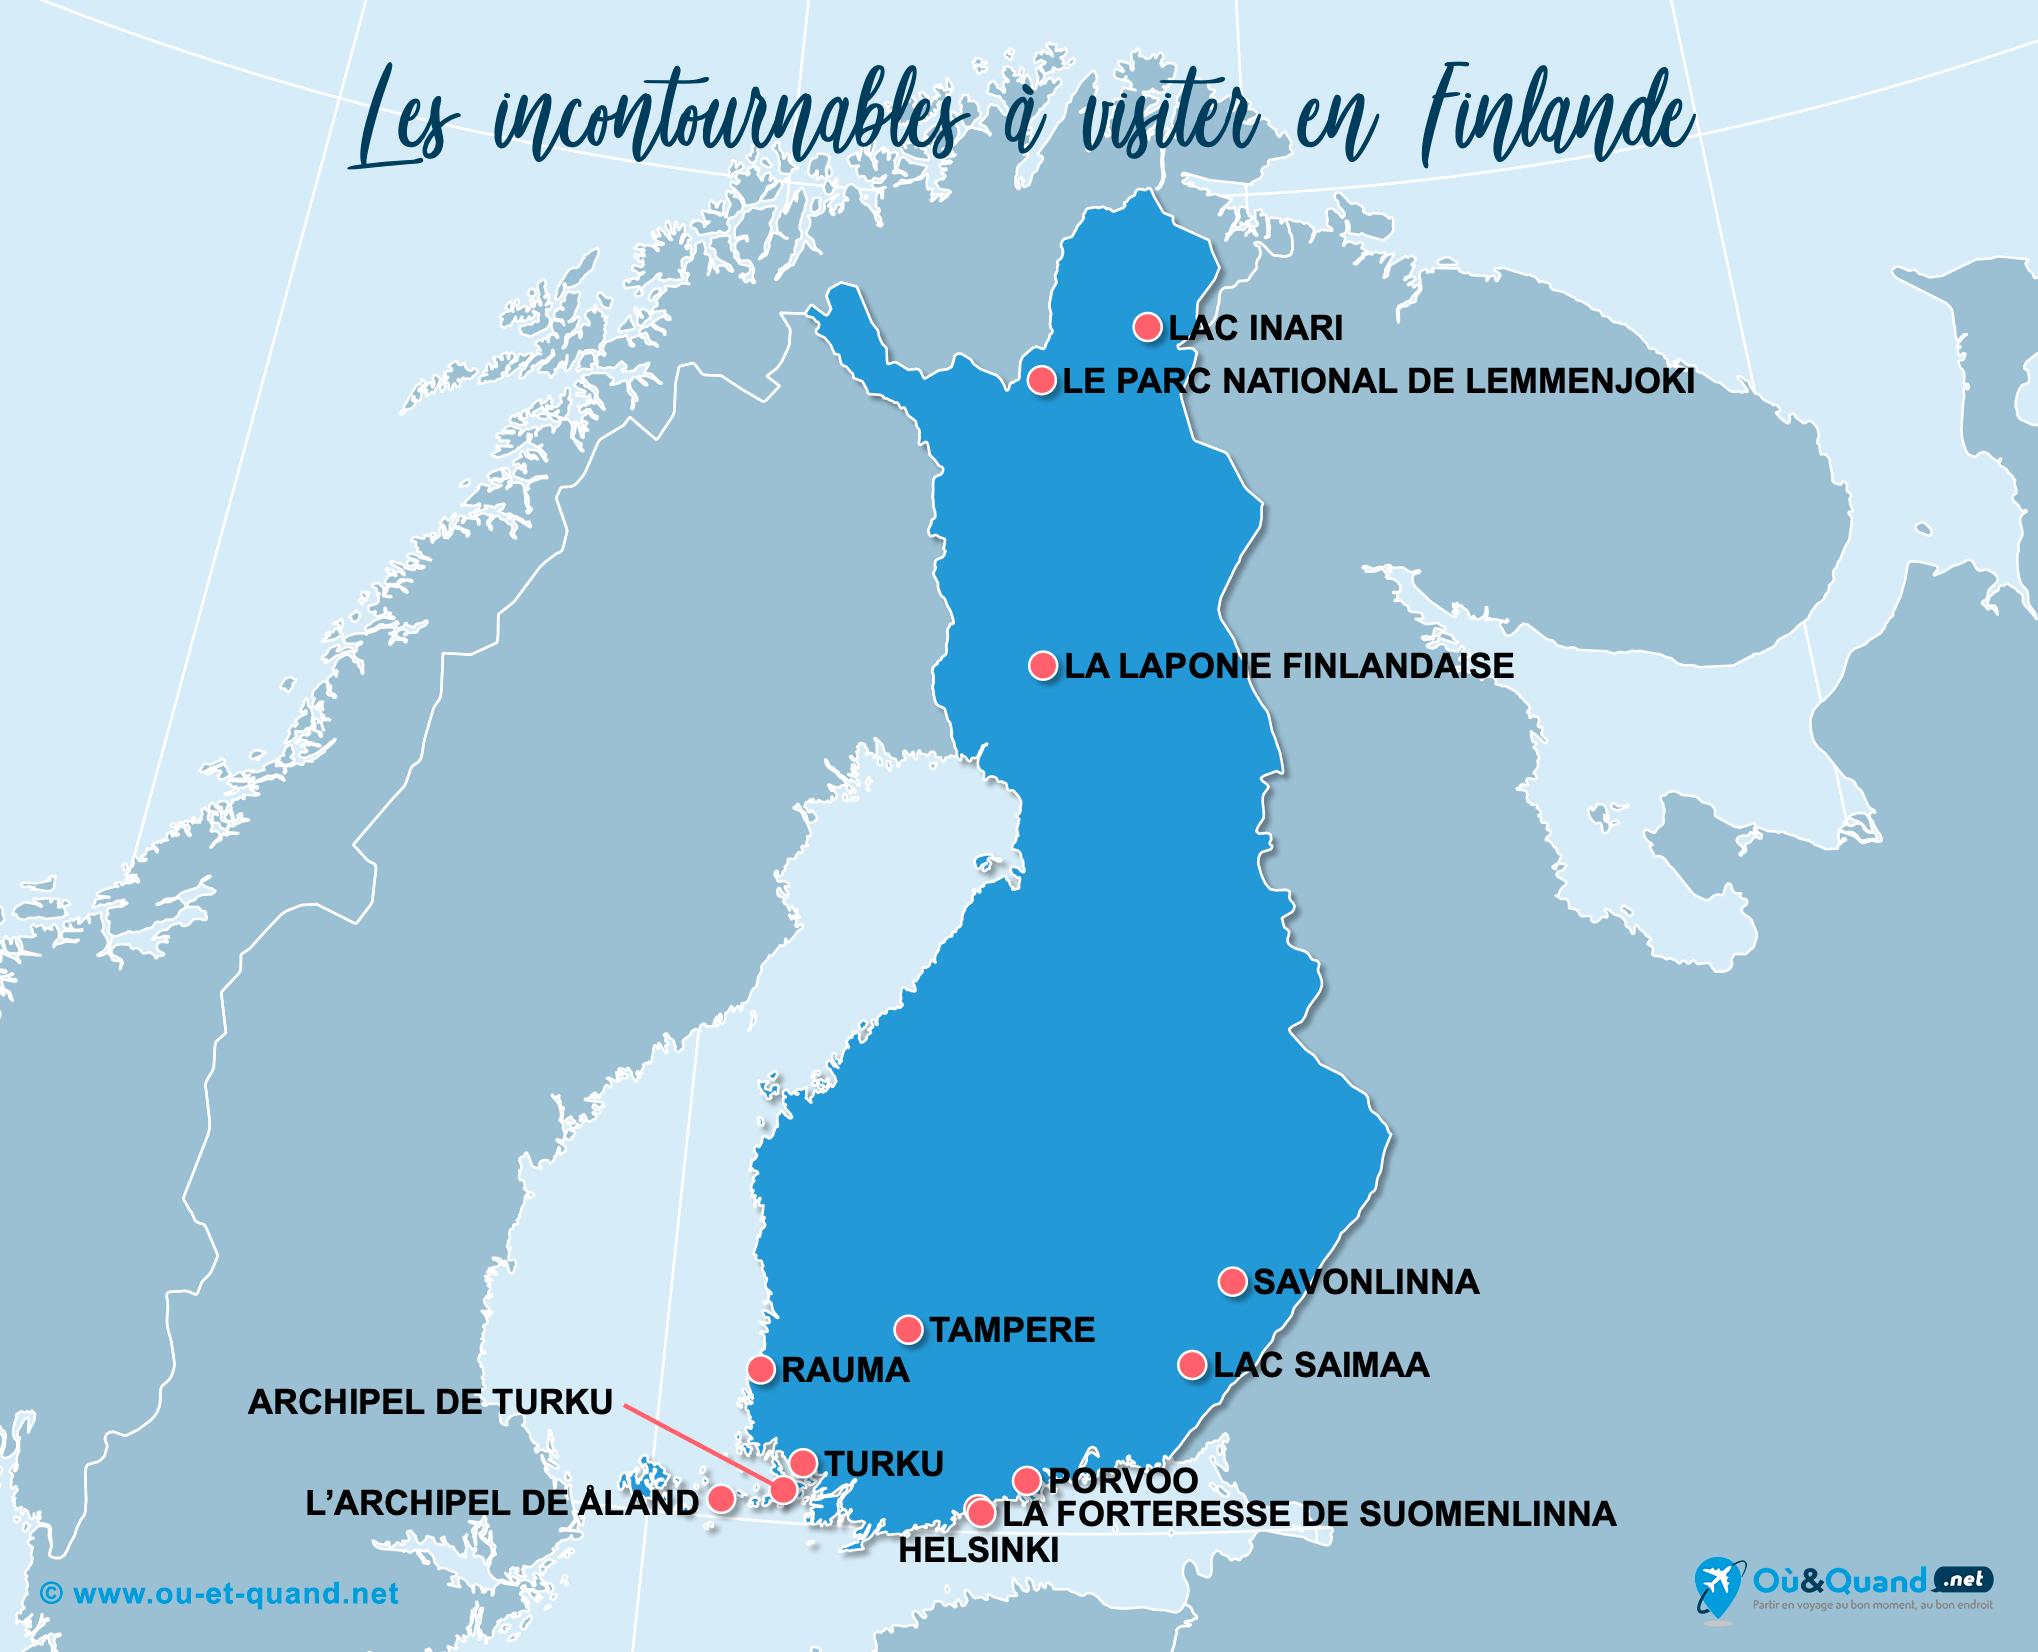 Carte Finlande : Les lieux incontournables en Finlande